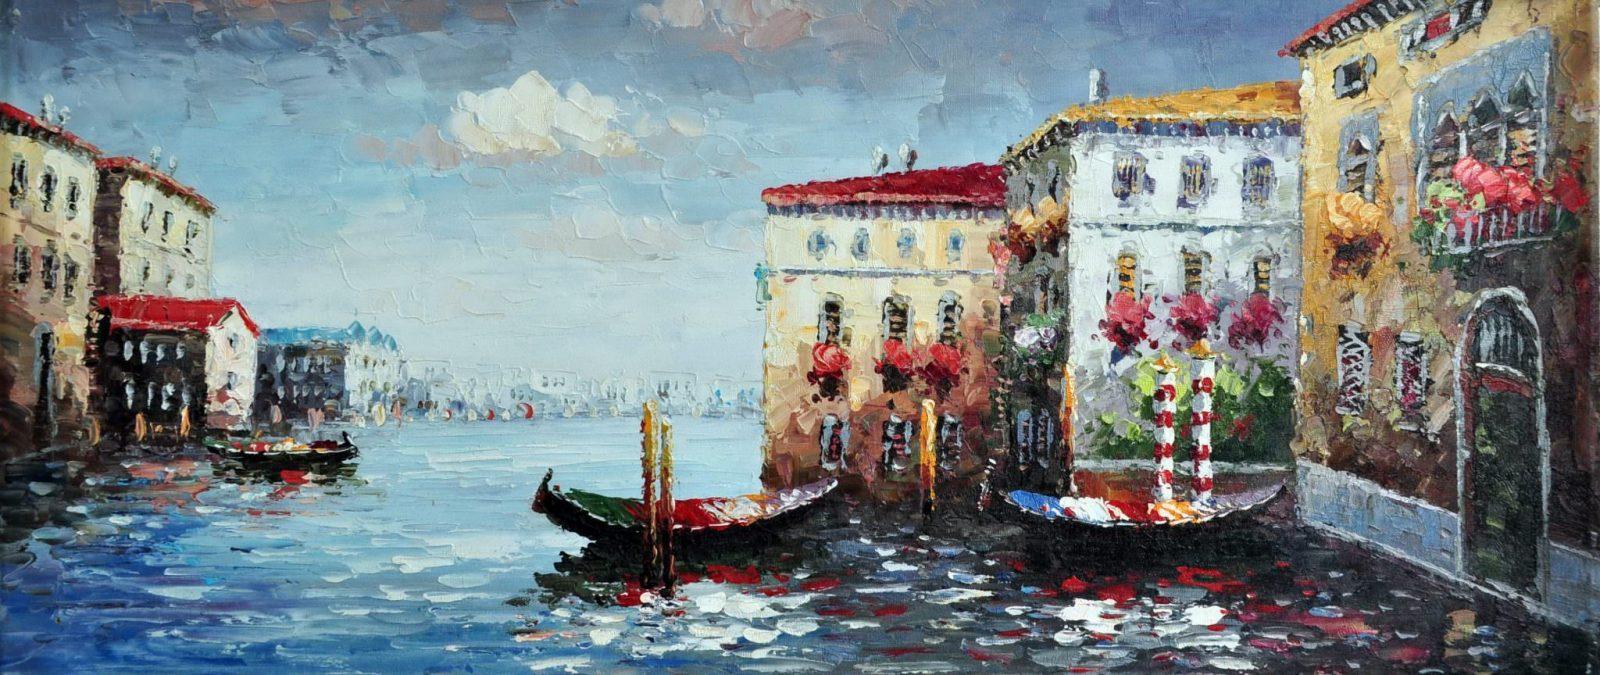 «Канал в Венеции» картина 30х70 арт.7Р11